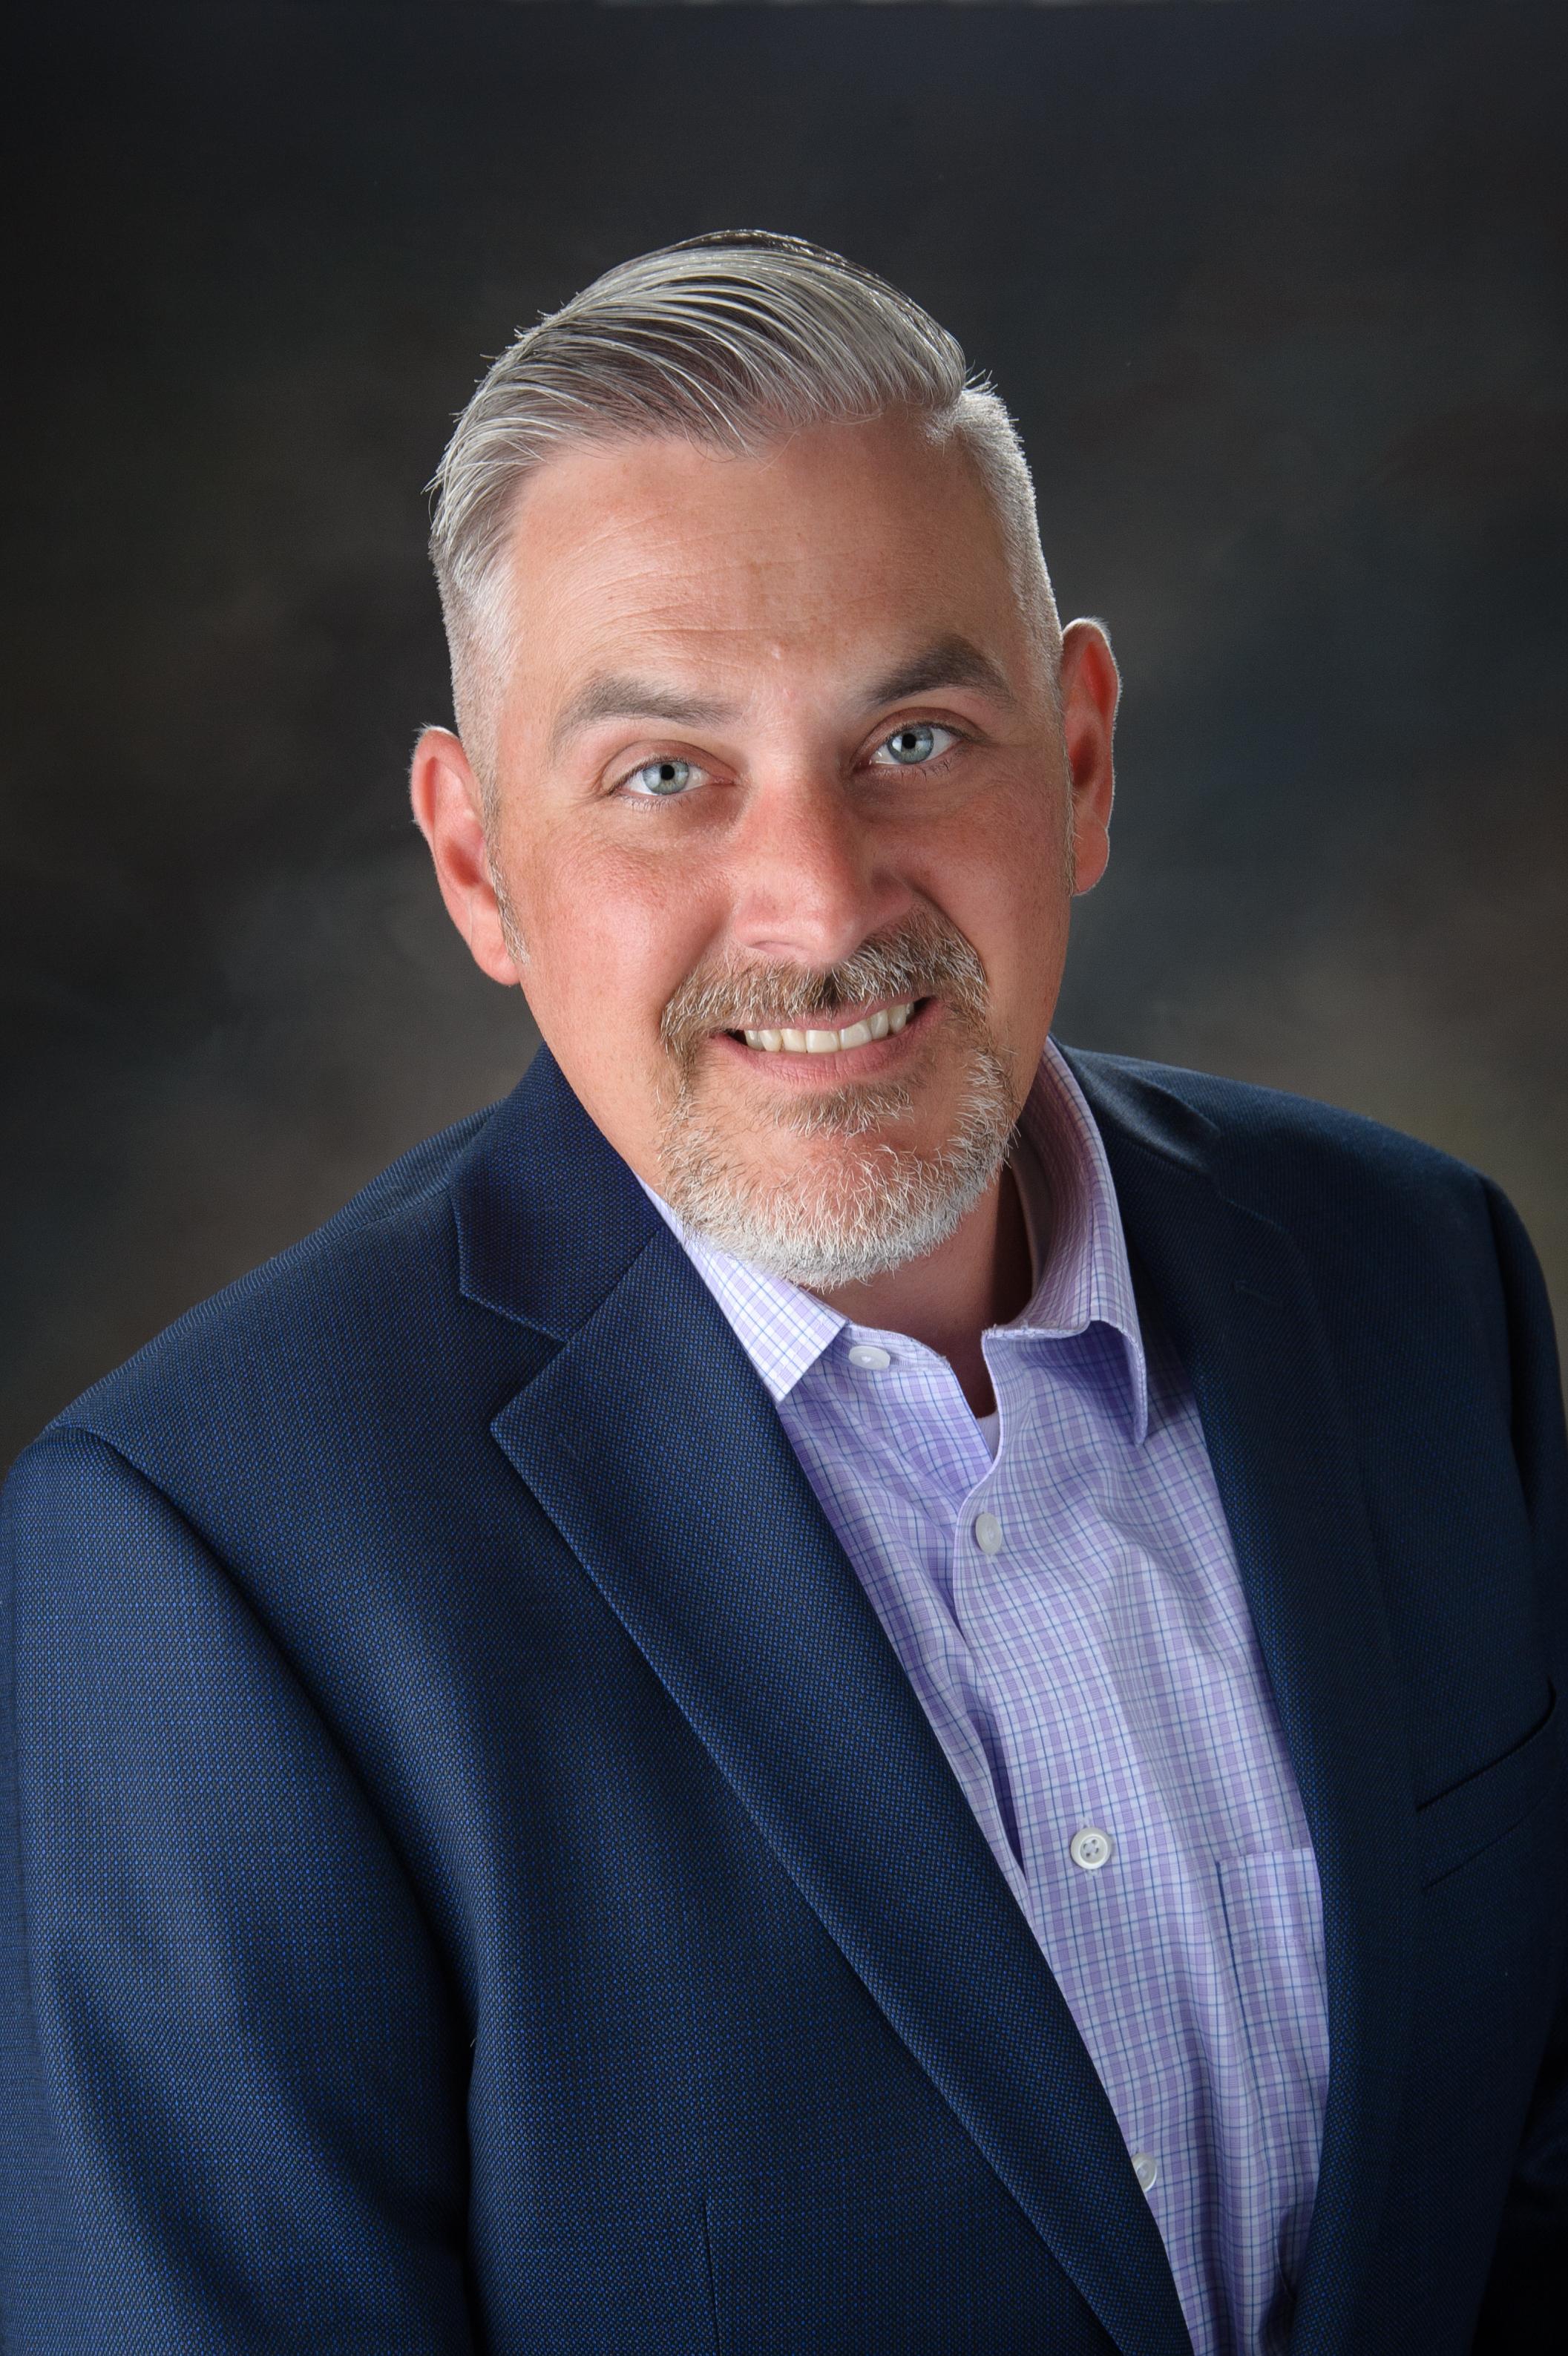 Gary Duffy